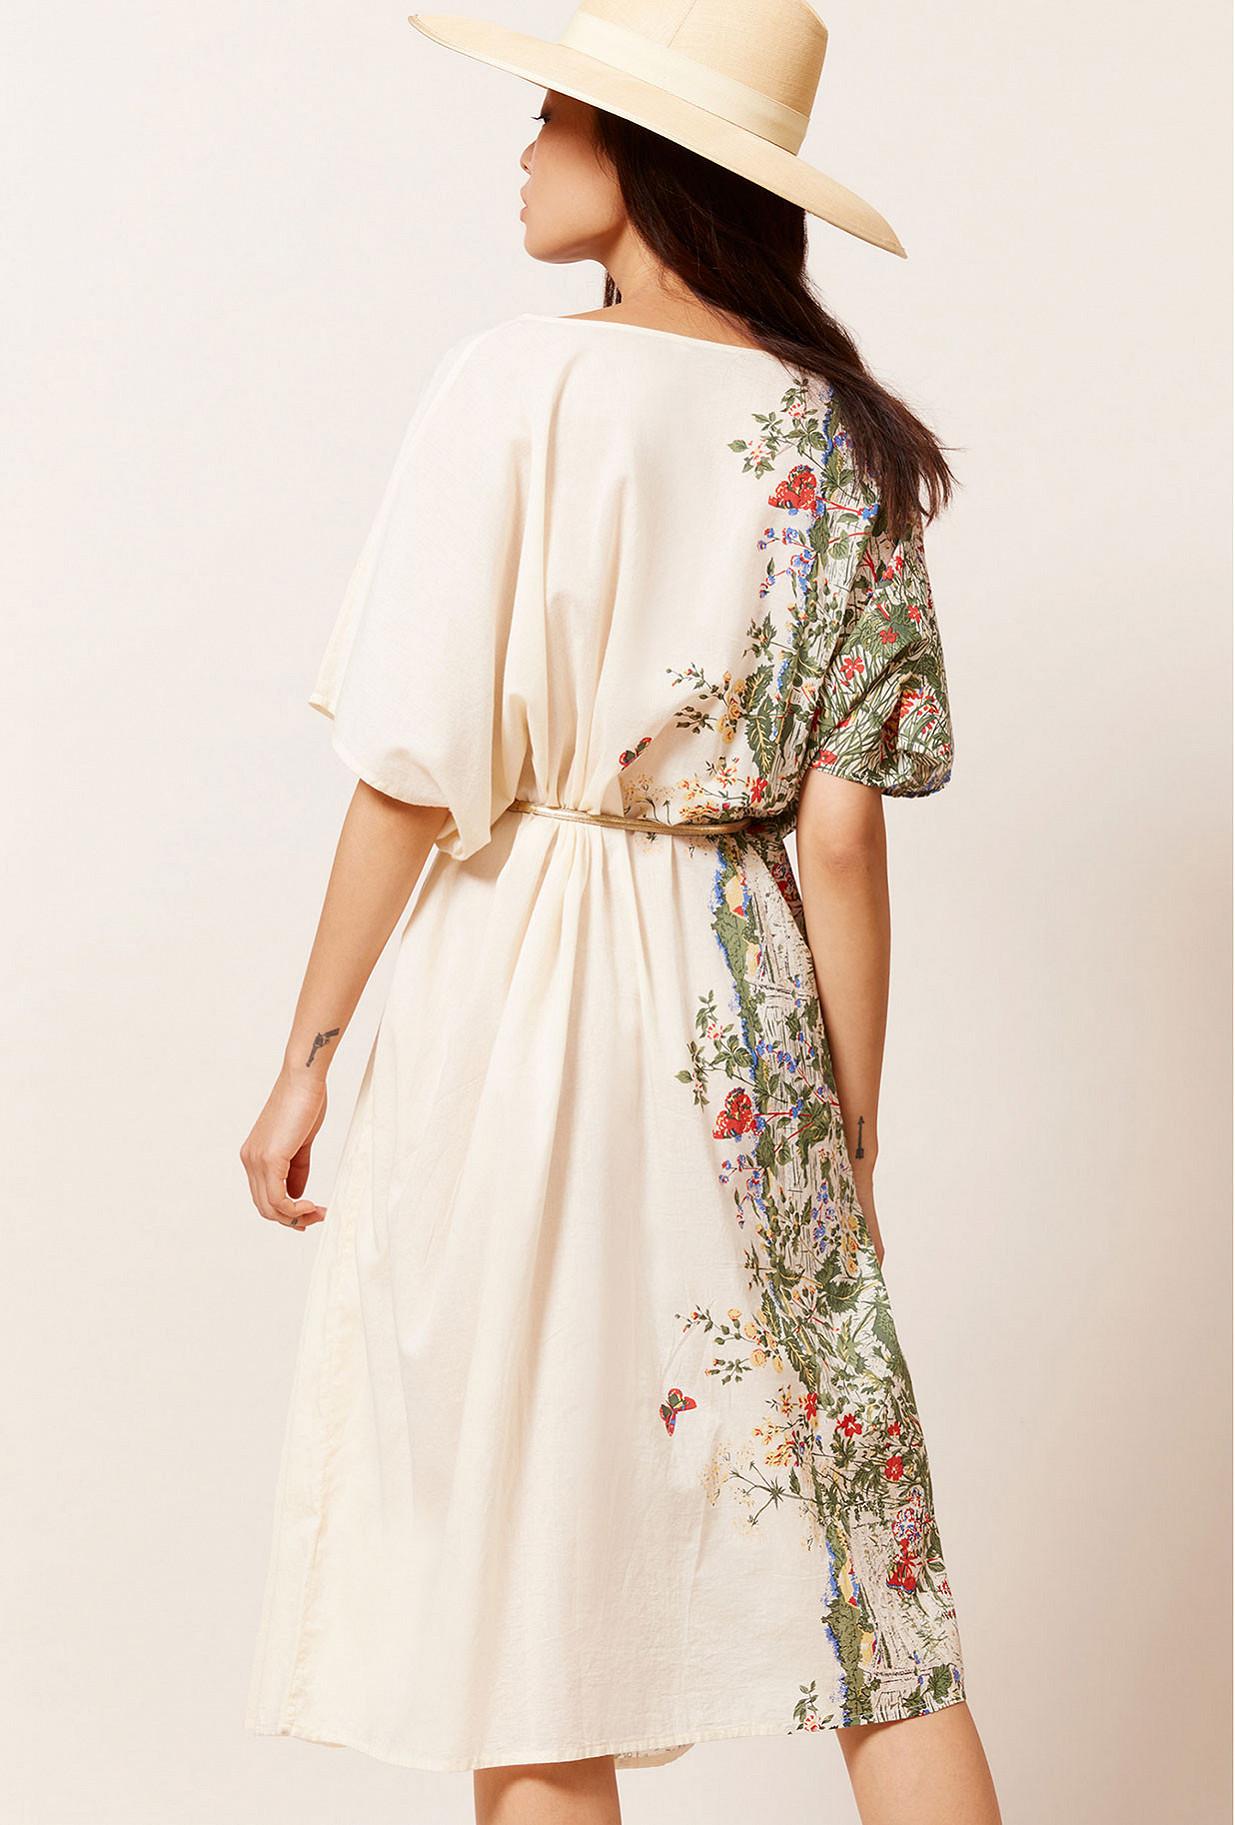 Floral print  Dress  Gwenola Mes demoiselles fashion clothes designer Paris